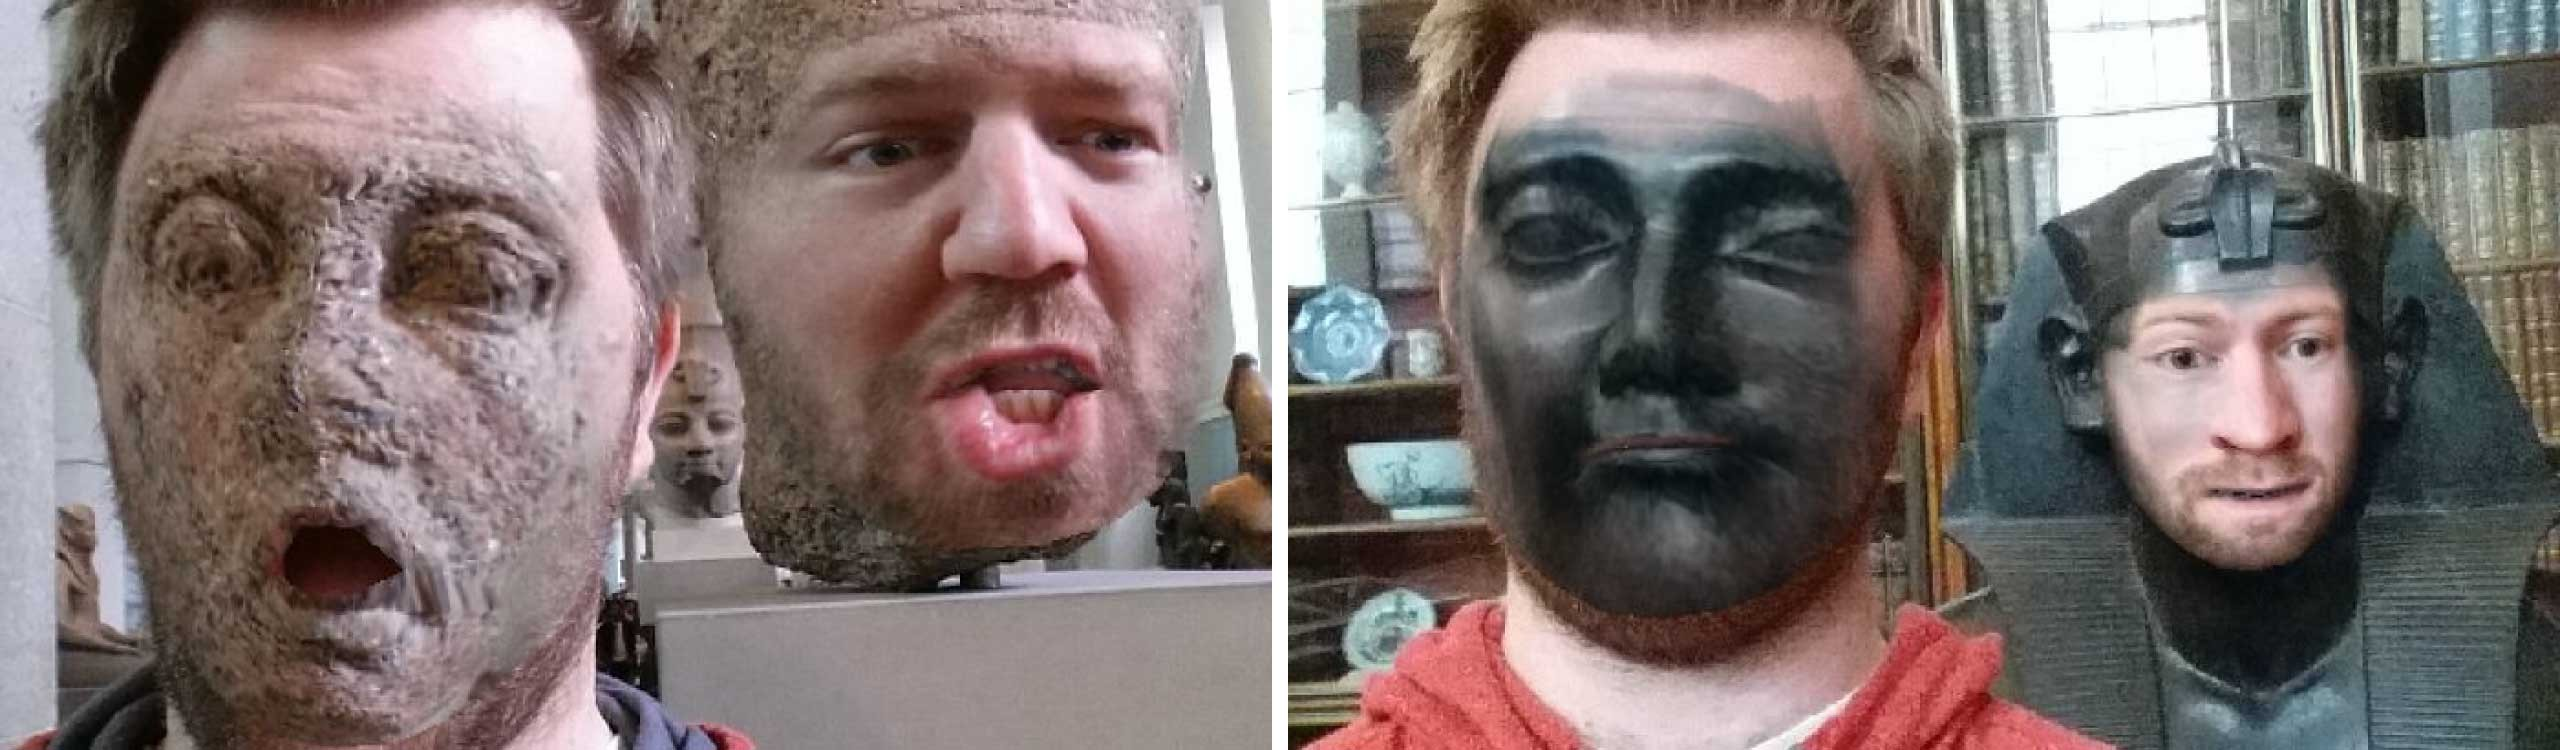 face-swap-museo-britanico-mis-gafas-de-pasta-destacado